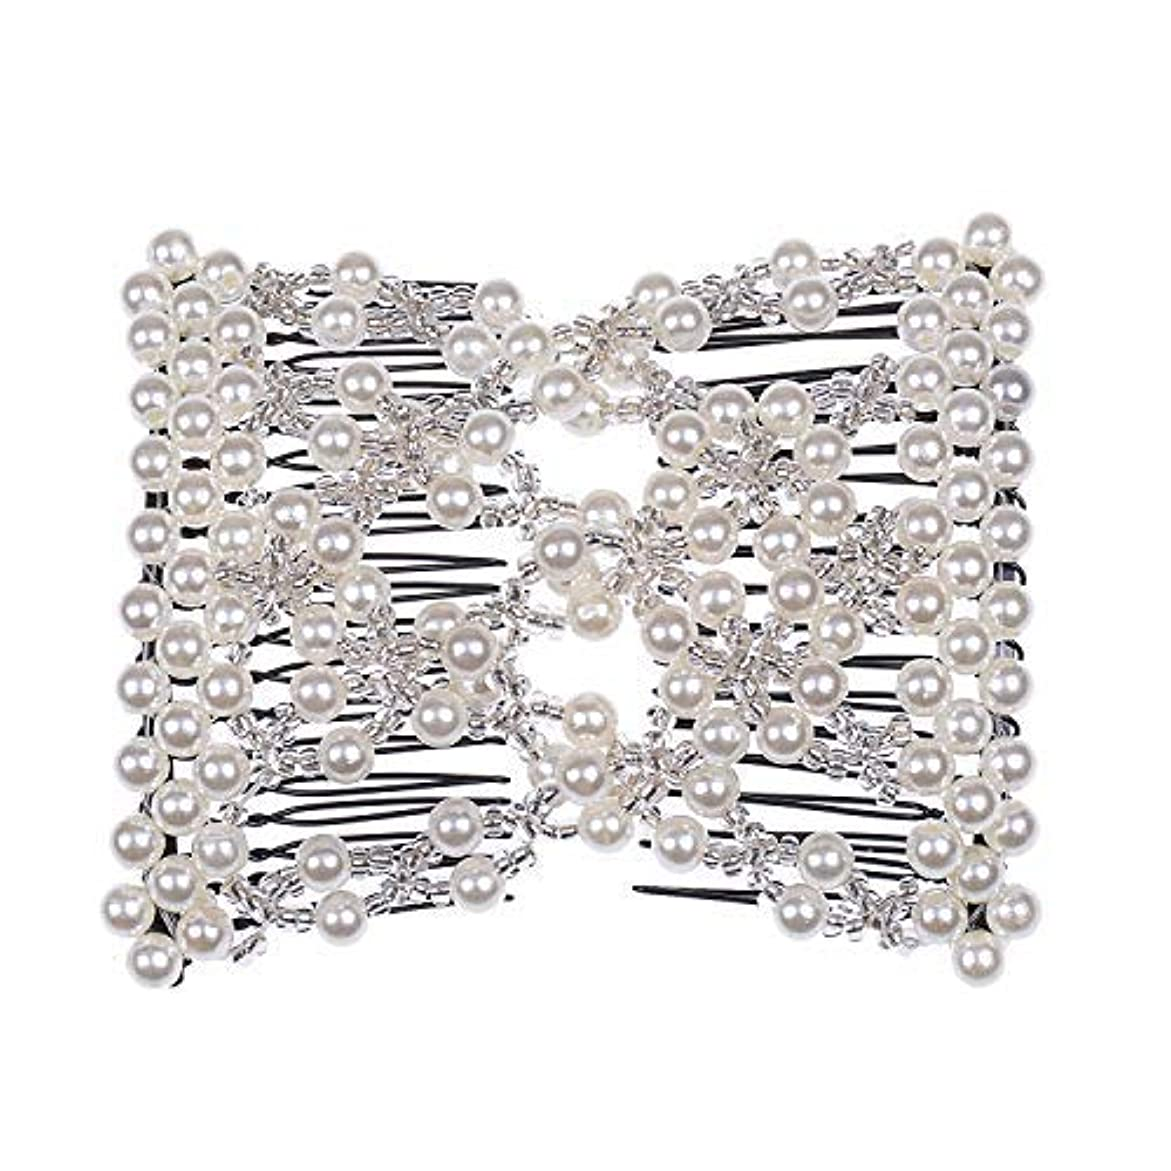 積分水分永久Casualfashion Delicate Women Girls EZ Stretch Pearls Combs Beaded Hair Comb Jewelry Double Clips (White) [並行輸入品]